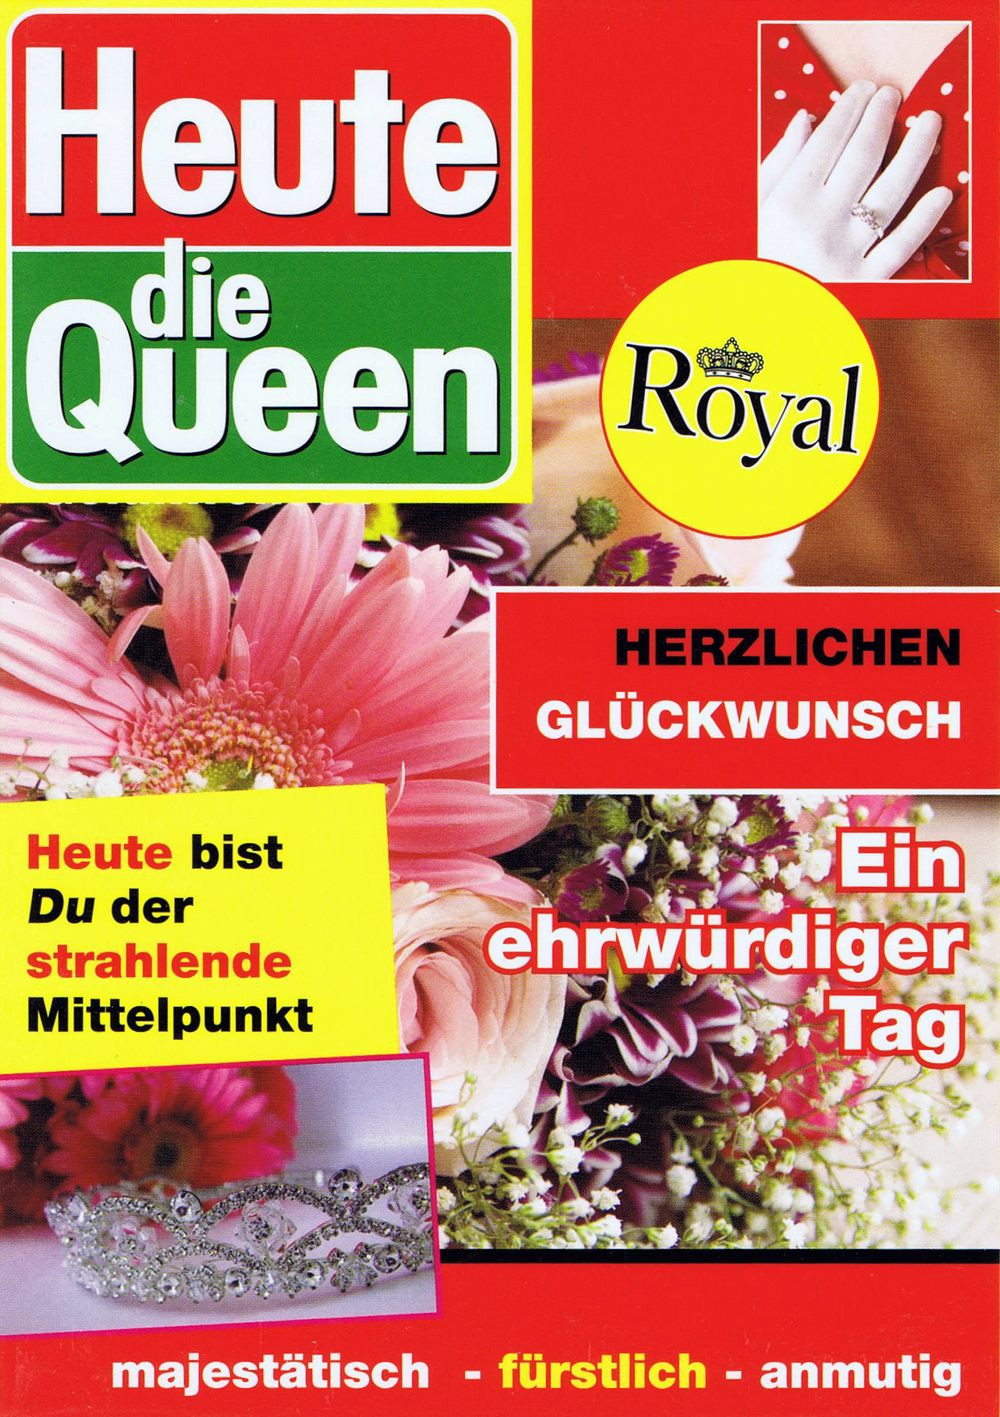 Geburtagskarte - Heute die Queen